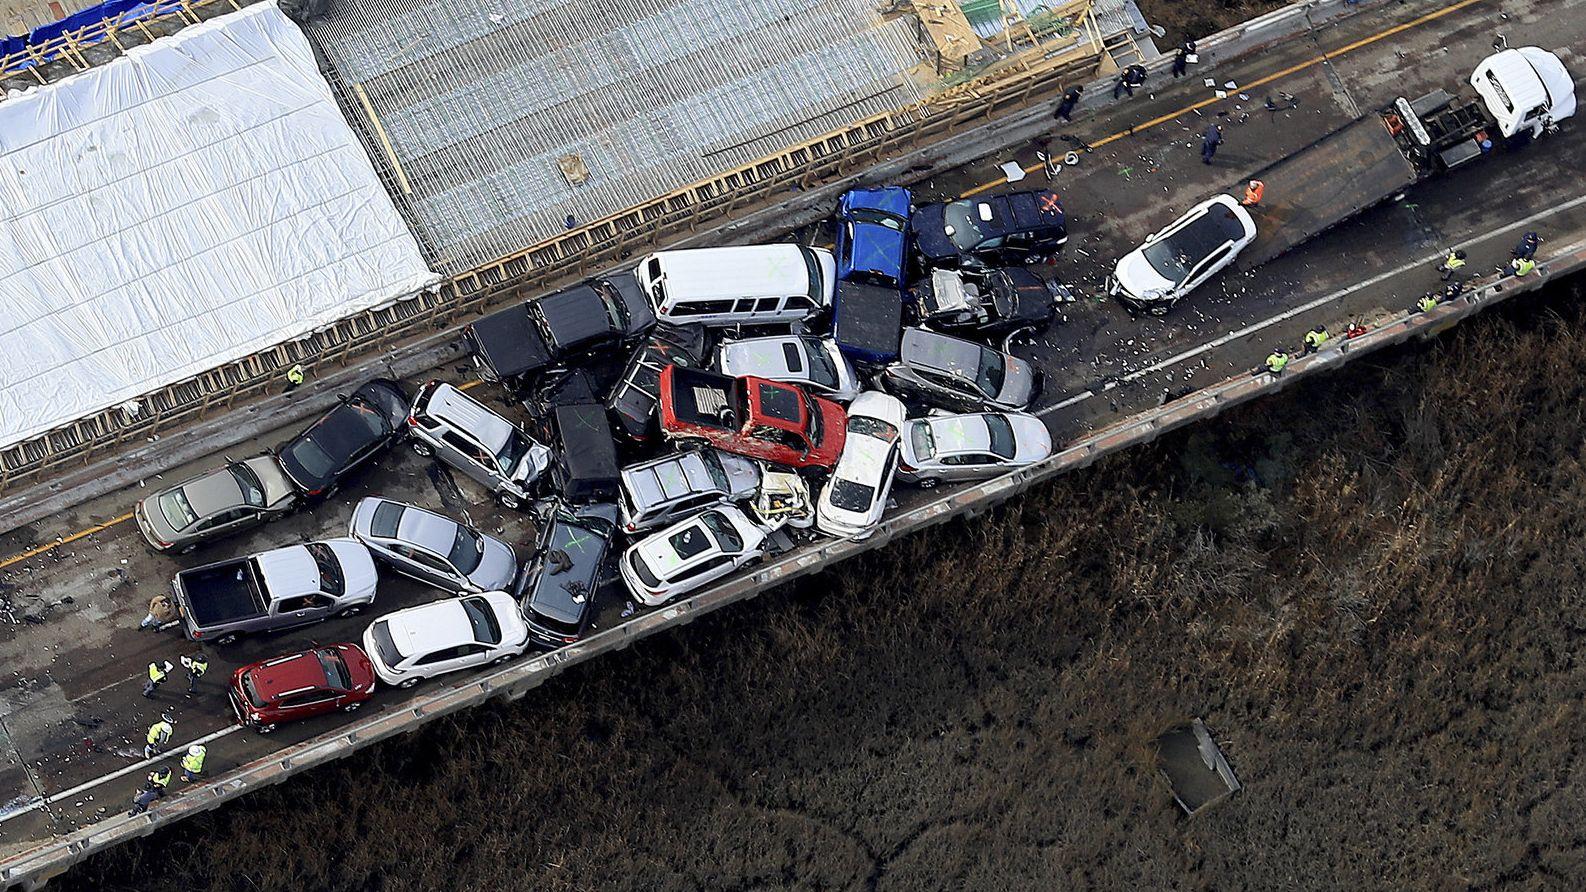 Im US-Bundesstaat Virginia hat sich am frühen Morgen Ortszeit ein schwerer Unfall ereignet. Mehr als 60 Fahrzeuge krachten ineinander. Viele Menschen wurden verletzt. Die Blechschäden sind enorm.